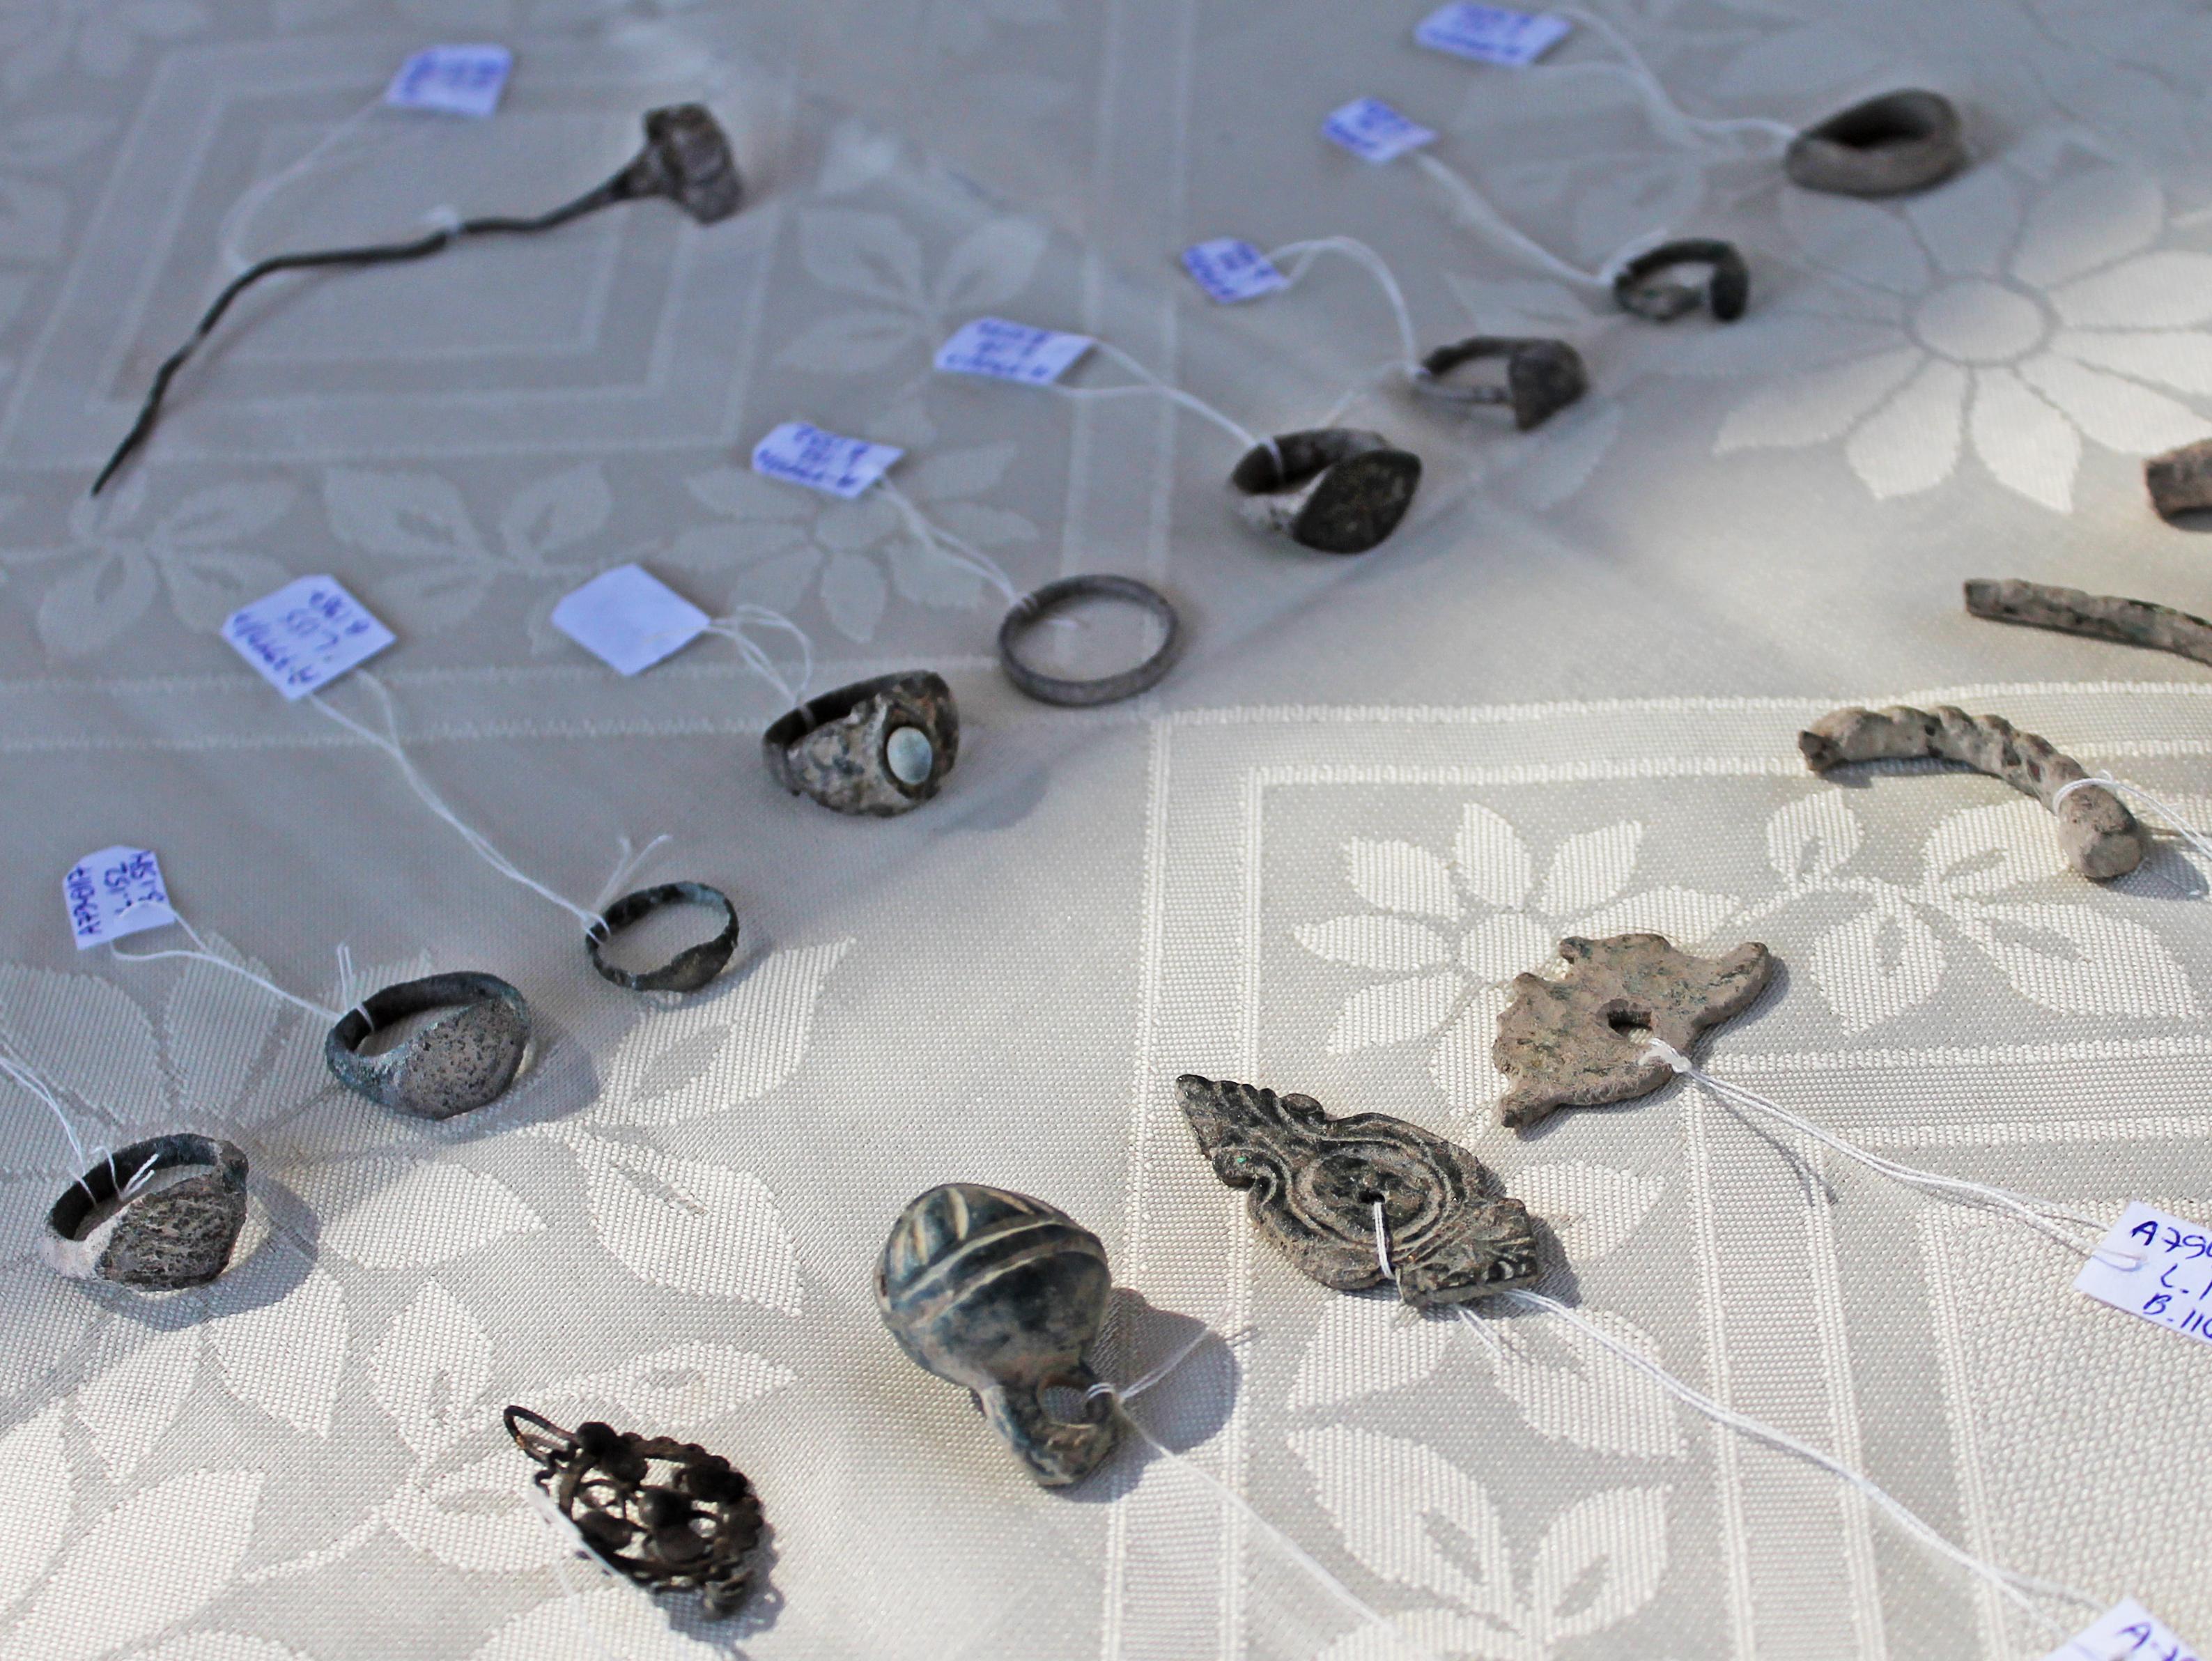 תכשיטי נשים שנמצאו במטבח המגדל הצלבני. צילום: ורד בוסידן, רשות העתיקות